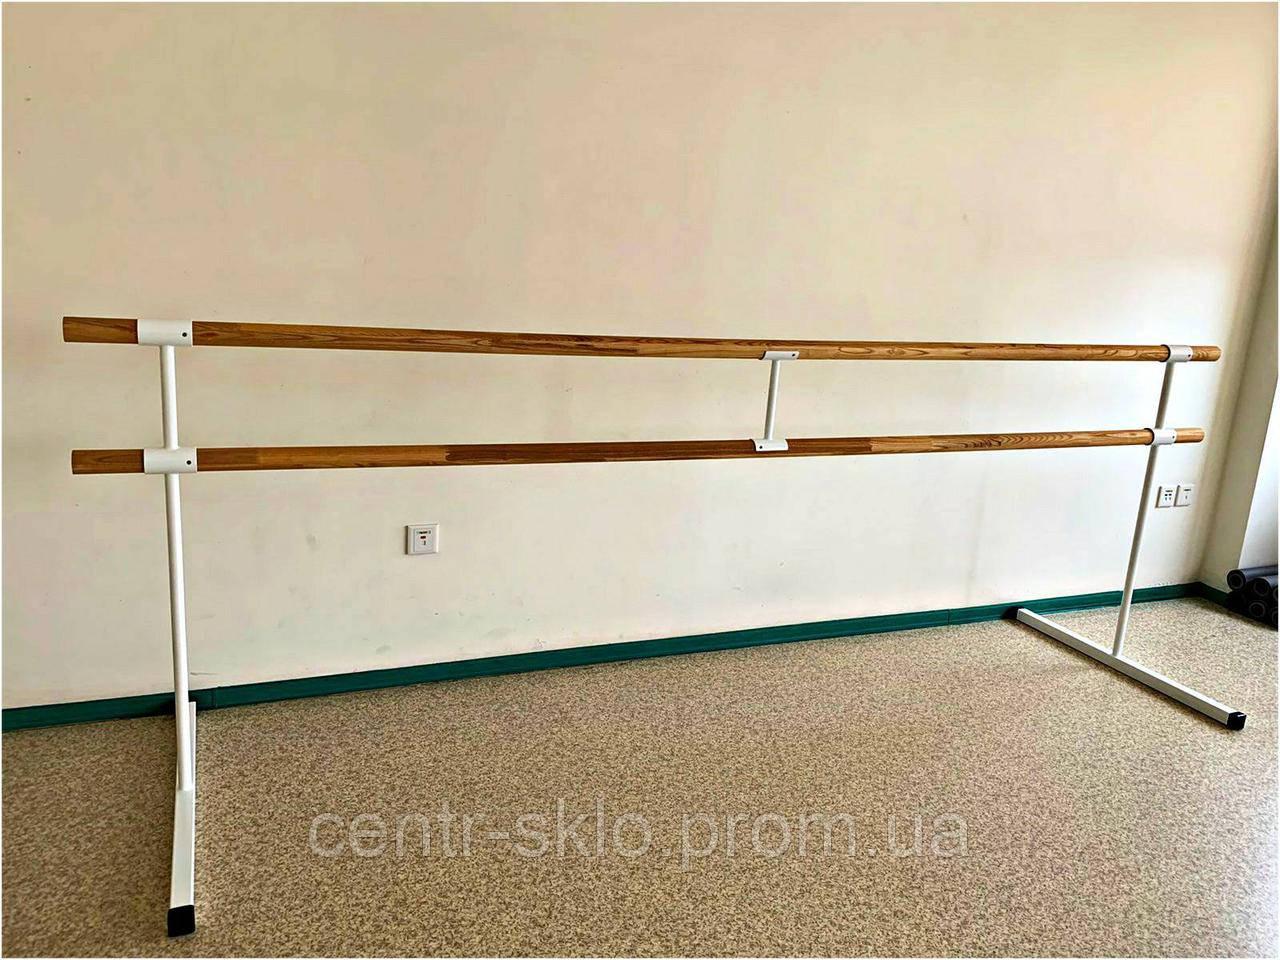 Переносной балетный (хореографический) станок 3250 мм